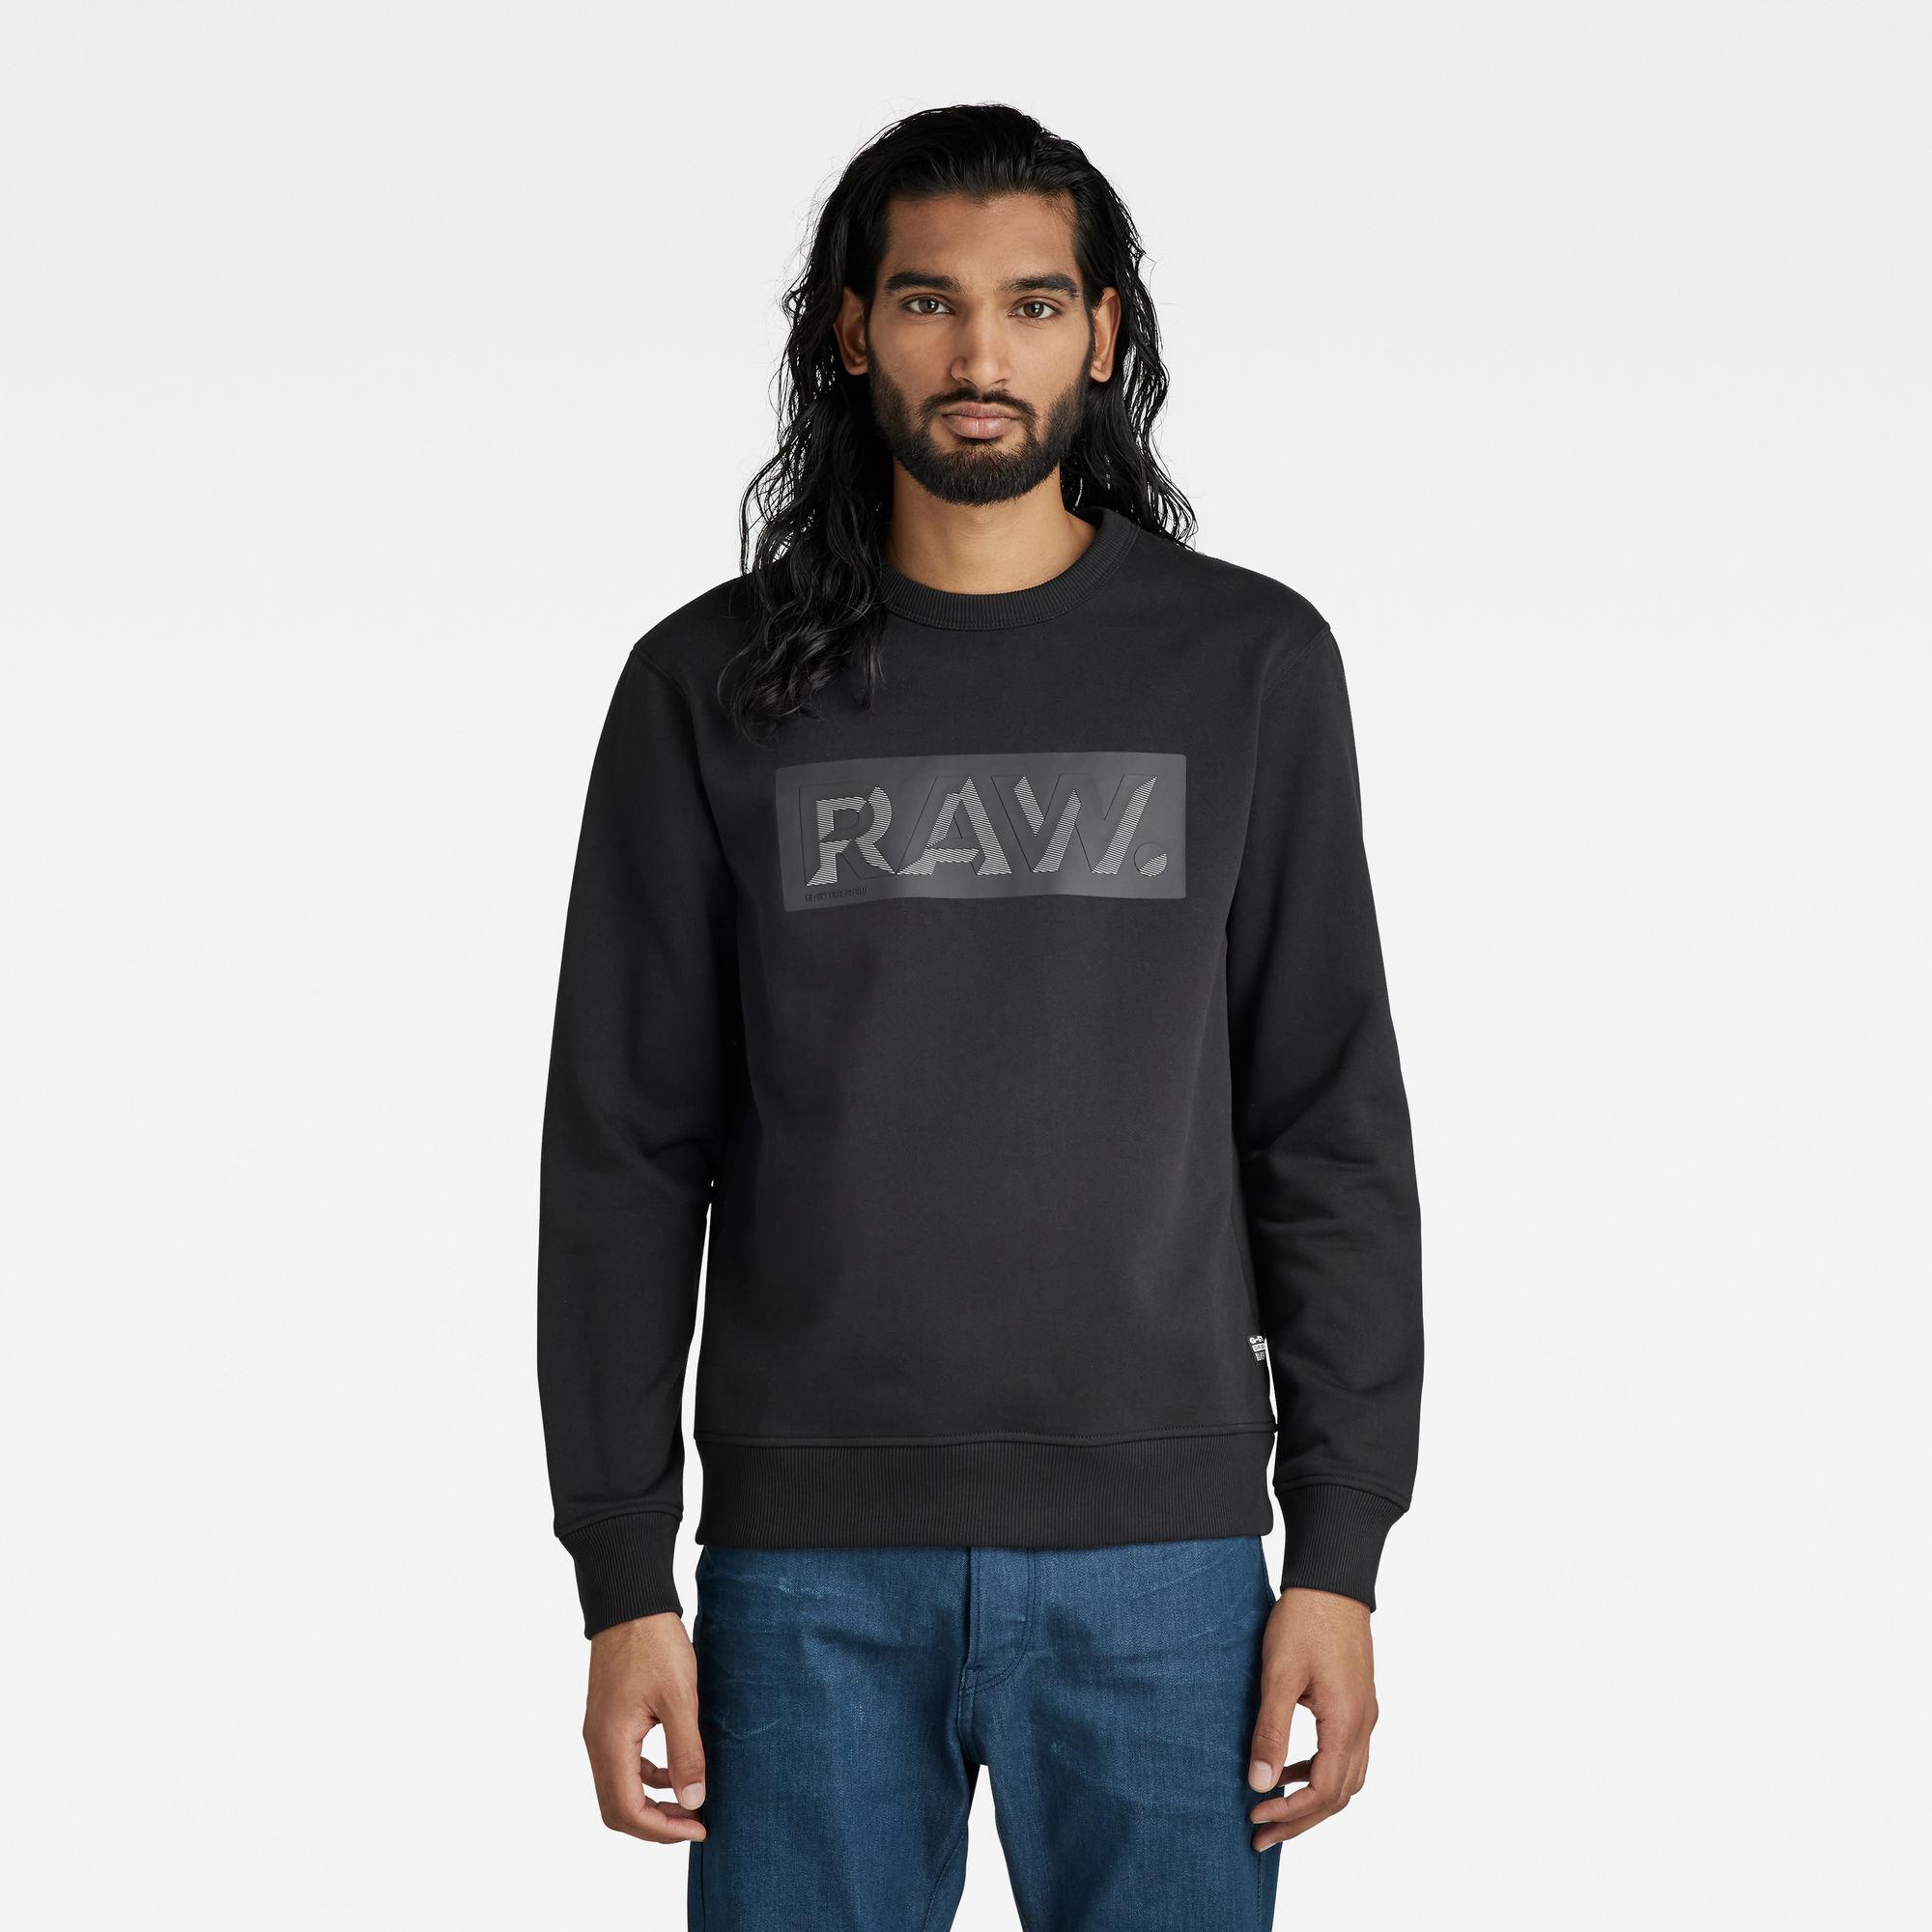 G-Star RAW Heren Raw Dot Box Graphic Sweater Zwart